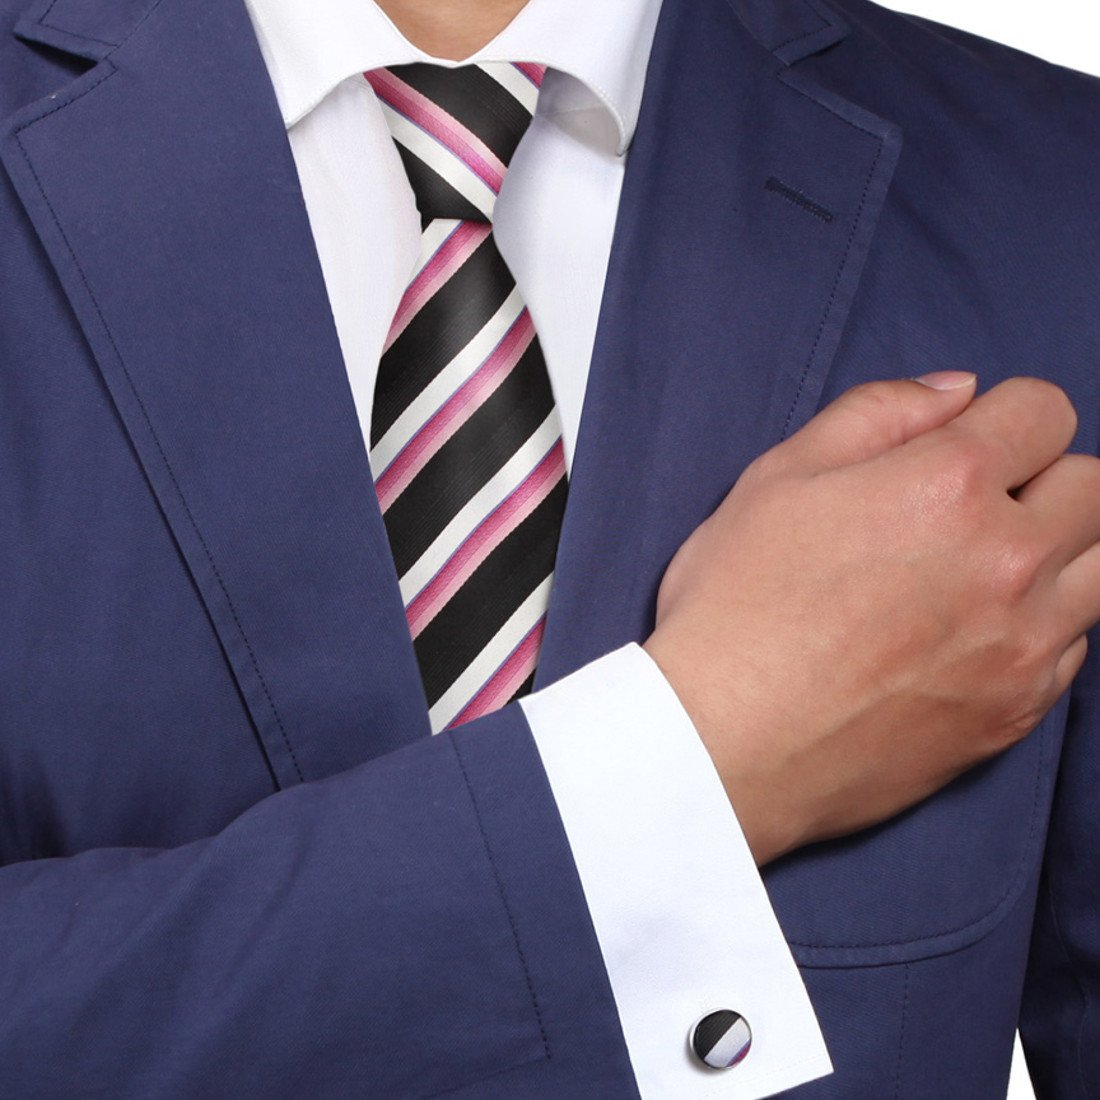 Y&G A1132 Black Stripes Online Goods Mens Pink White Buy For Working Silk Tie Cufflinks Set 2PT